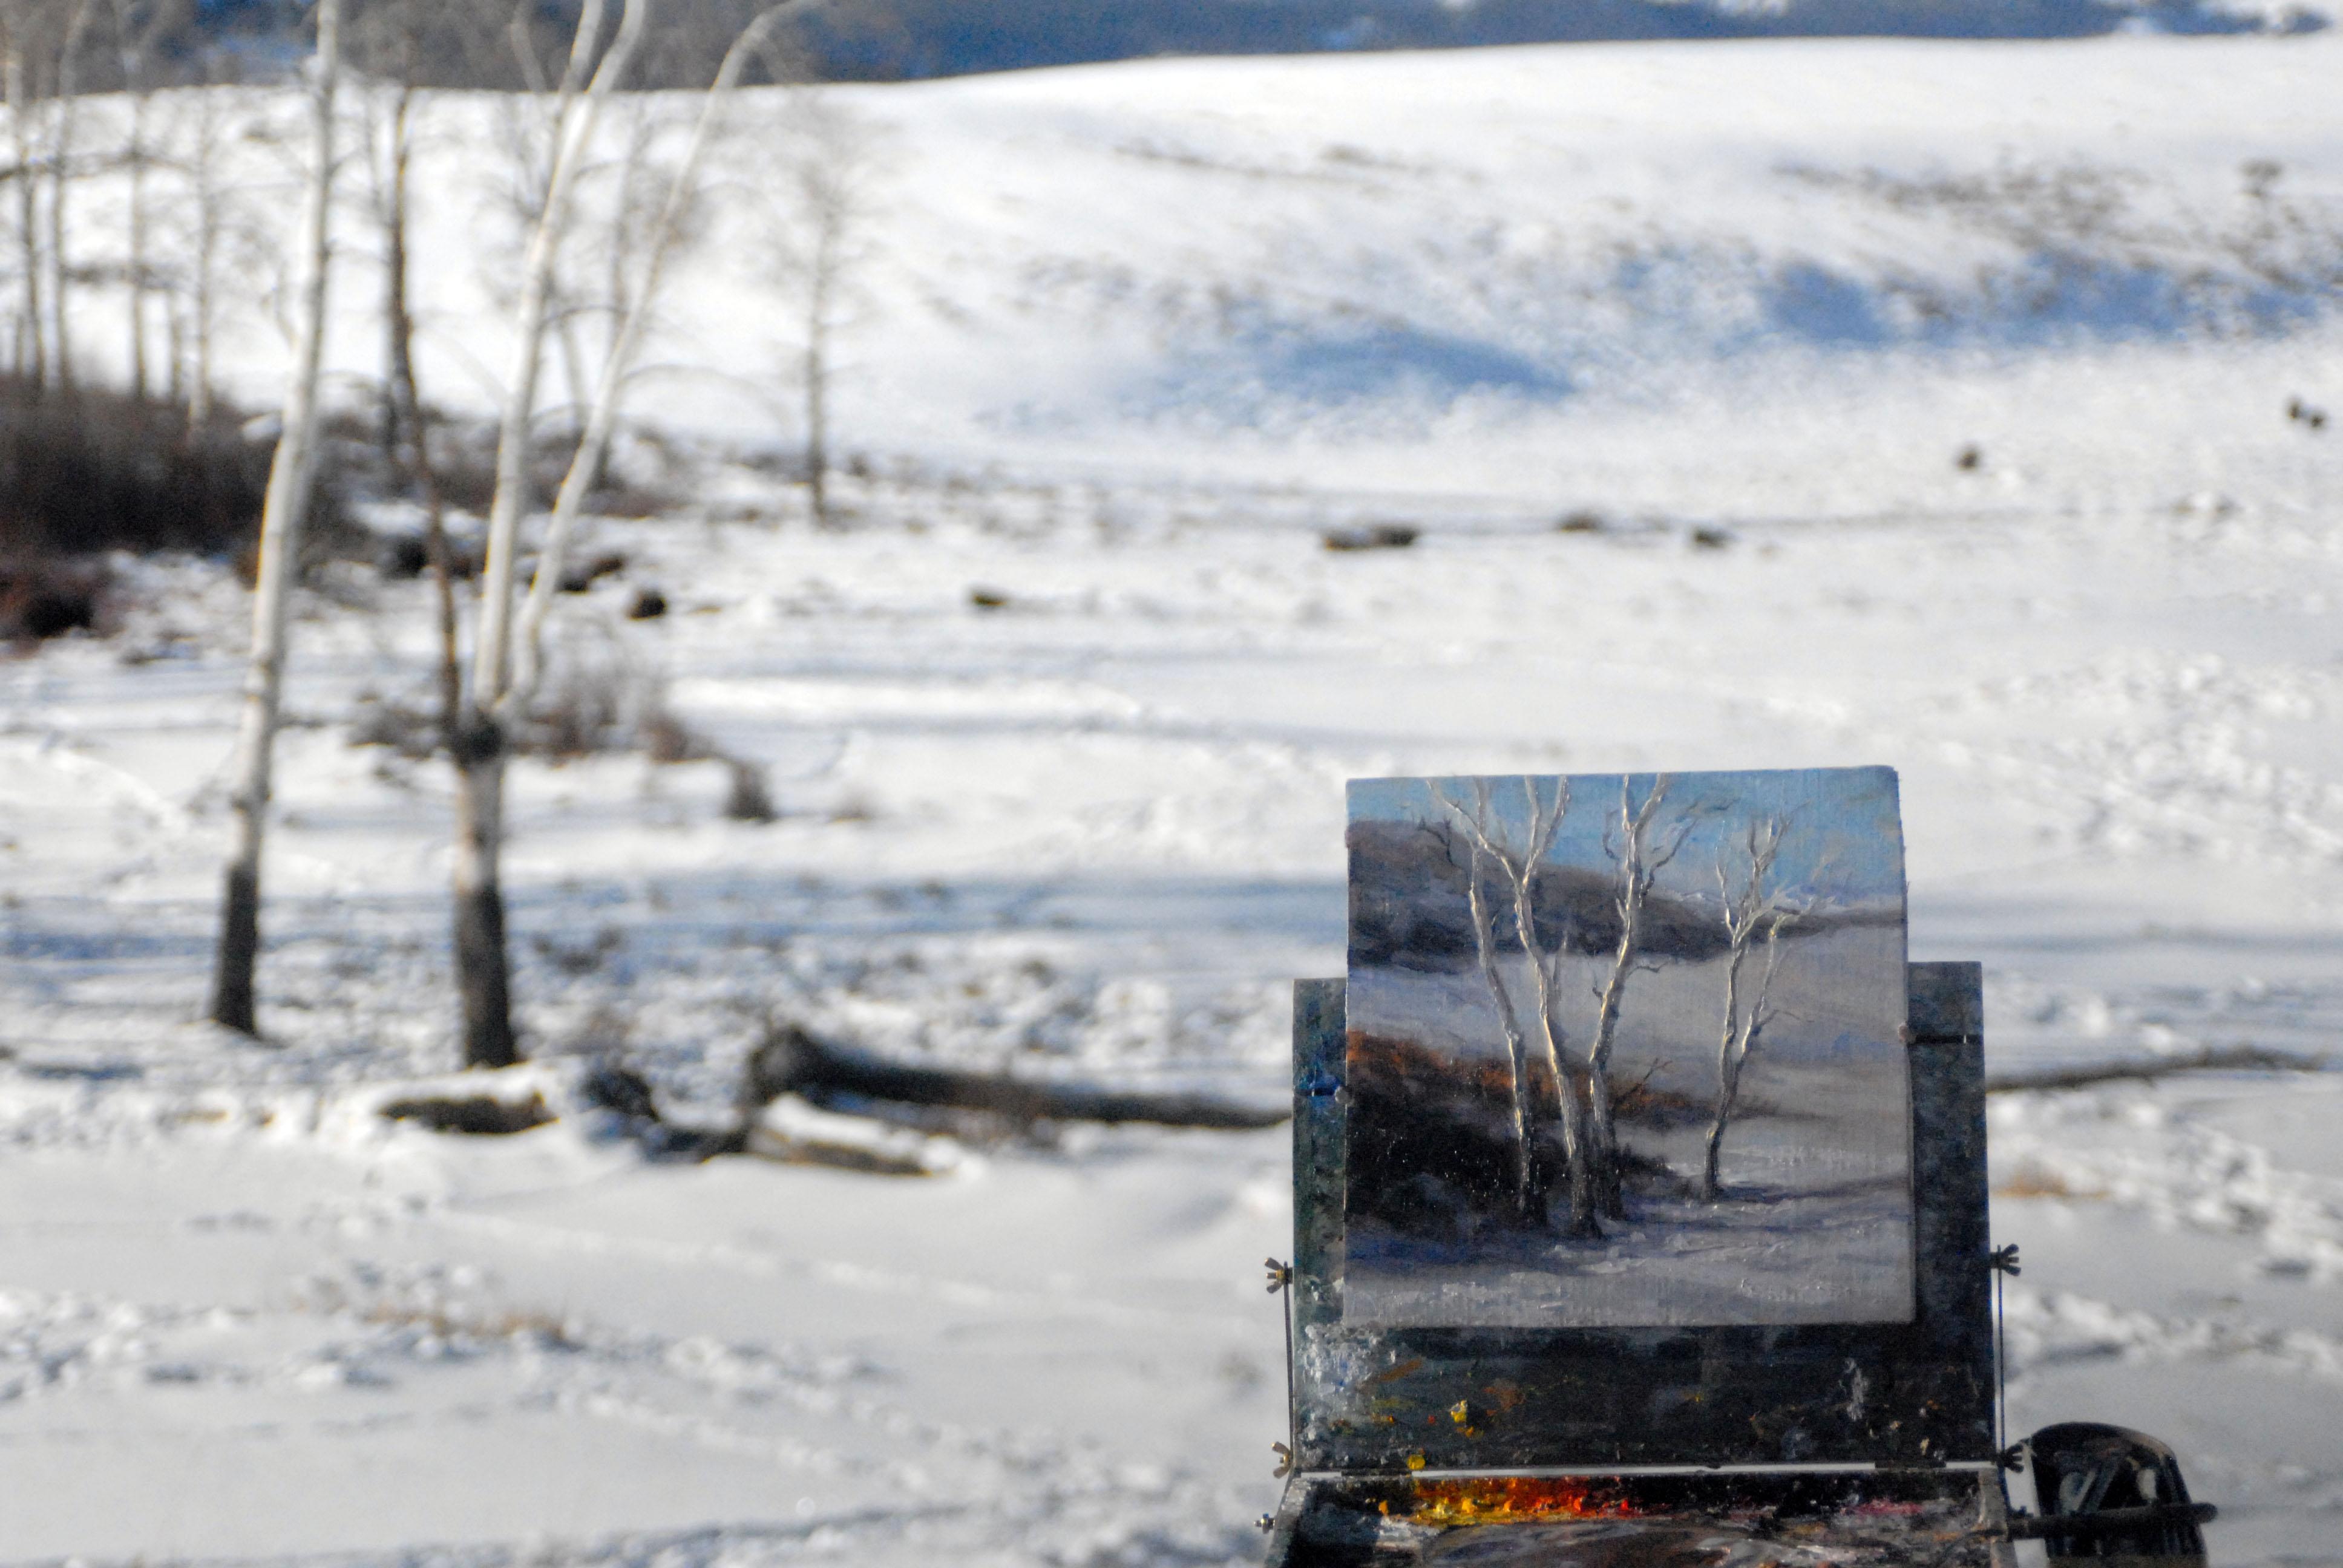 Winter aspens in Little America